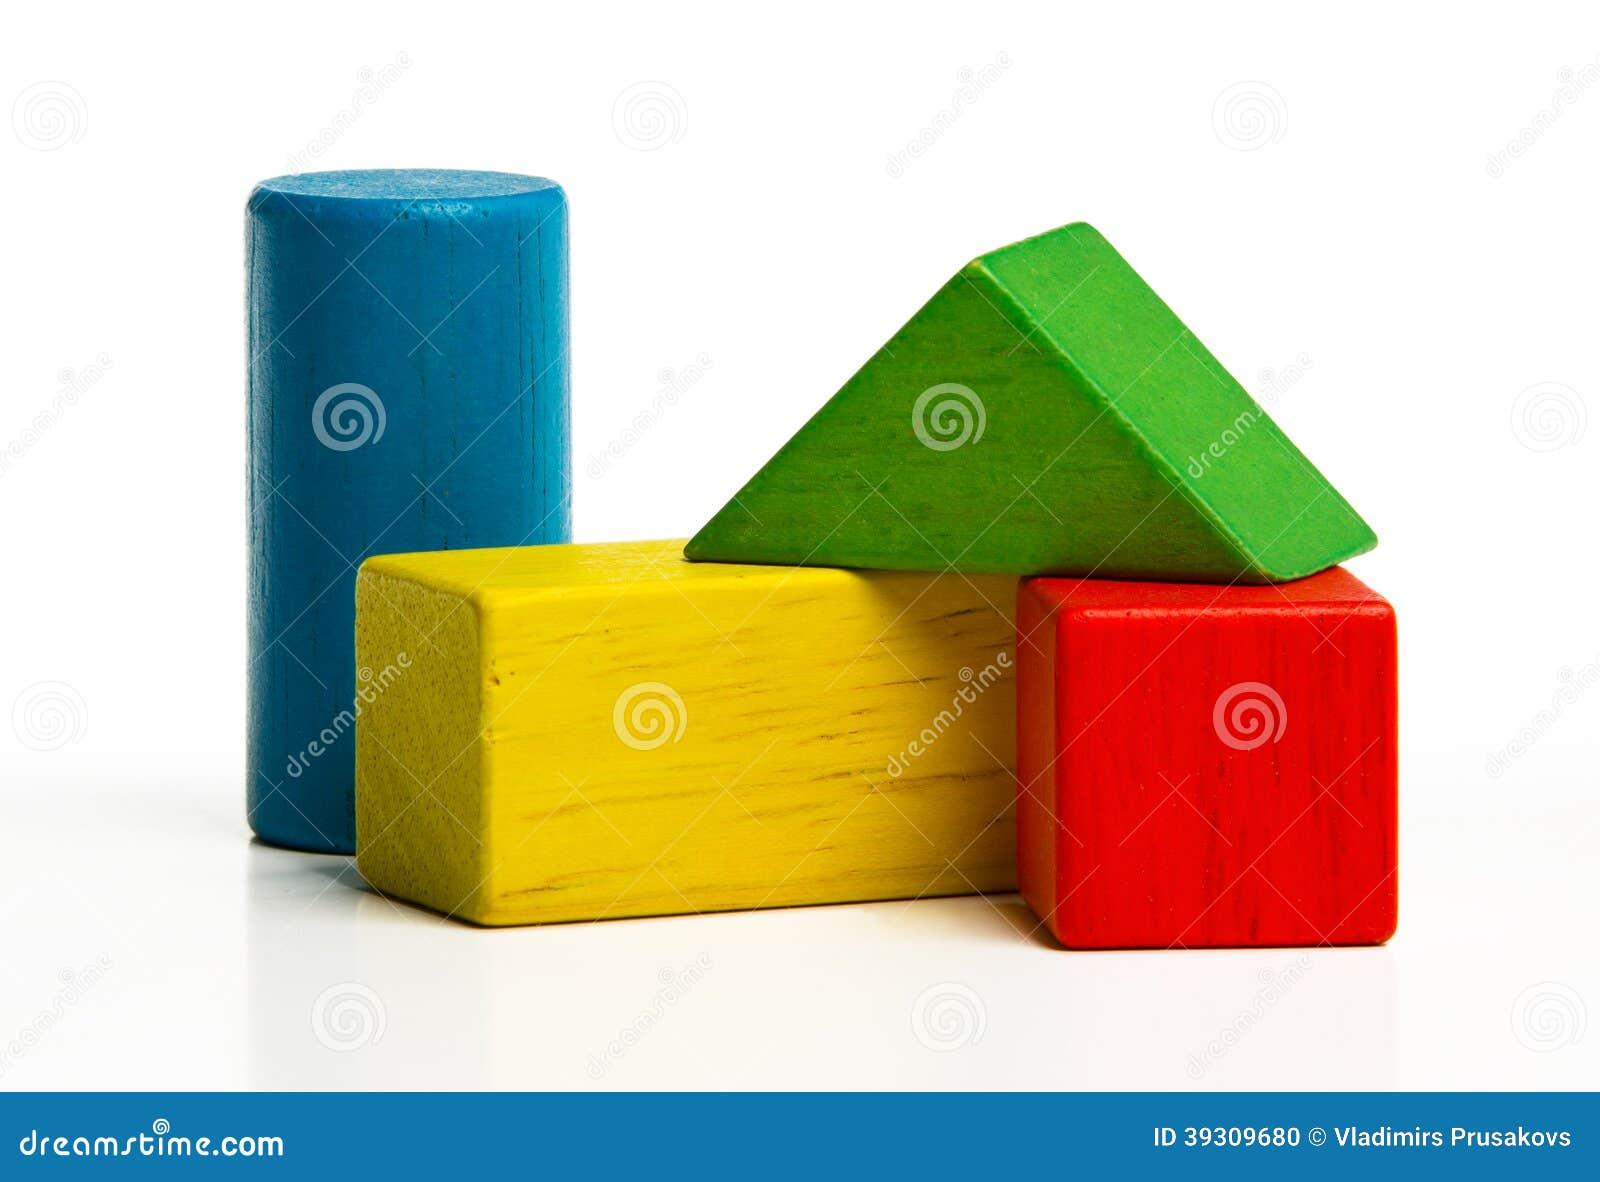 Toy wooden blocks, multicolor bricks